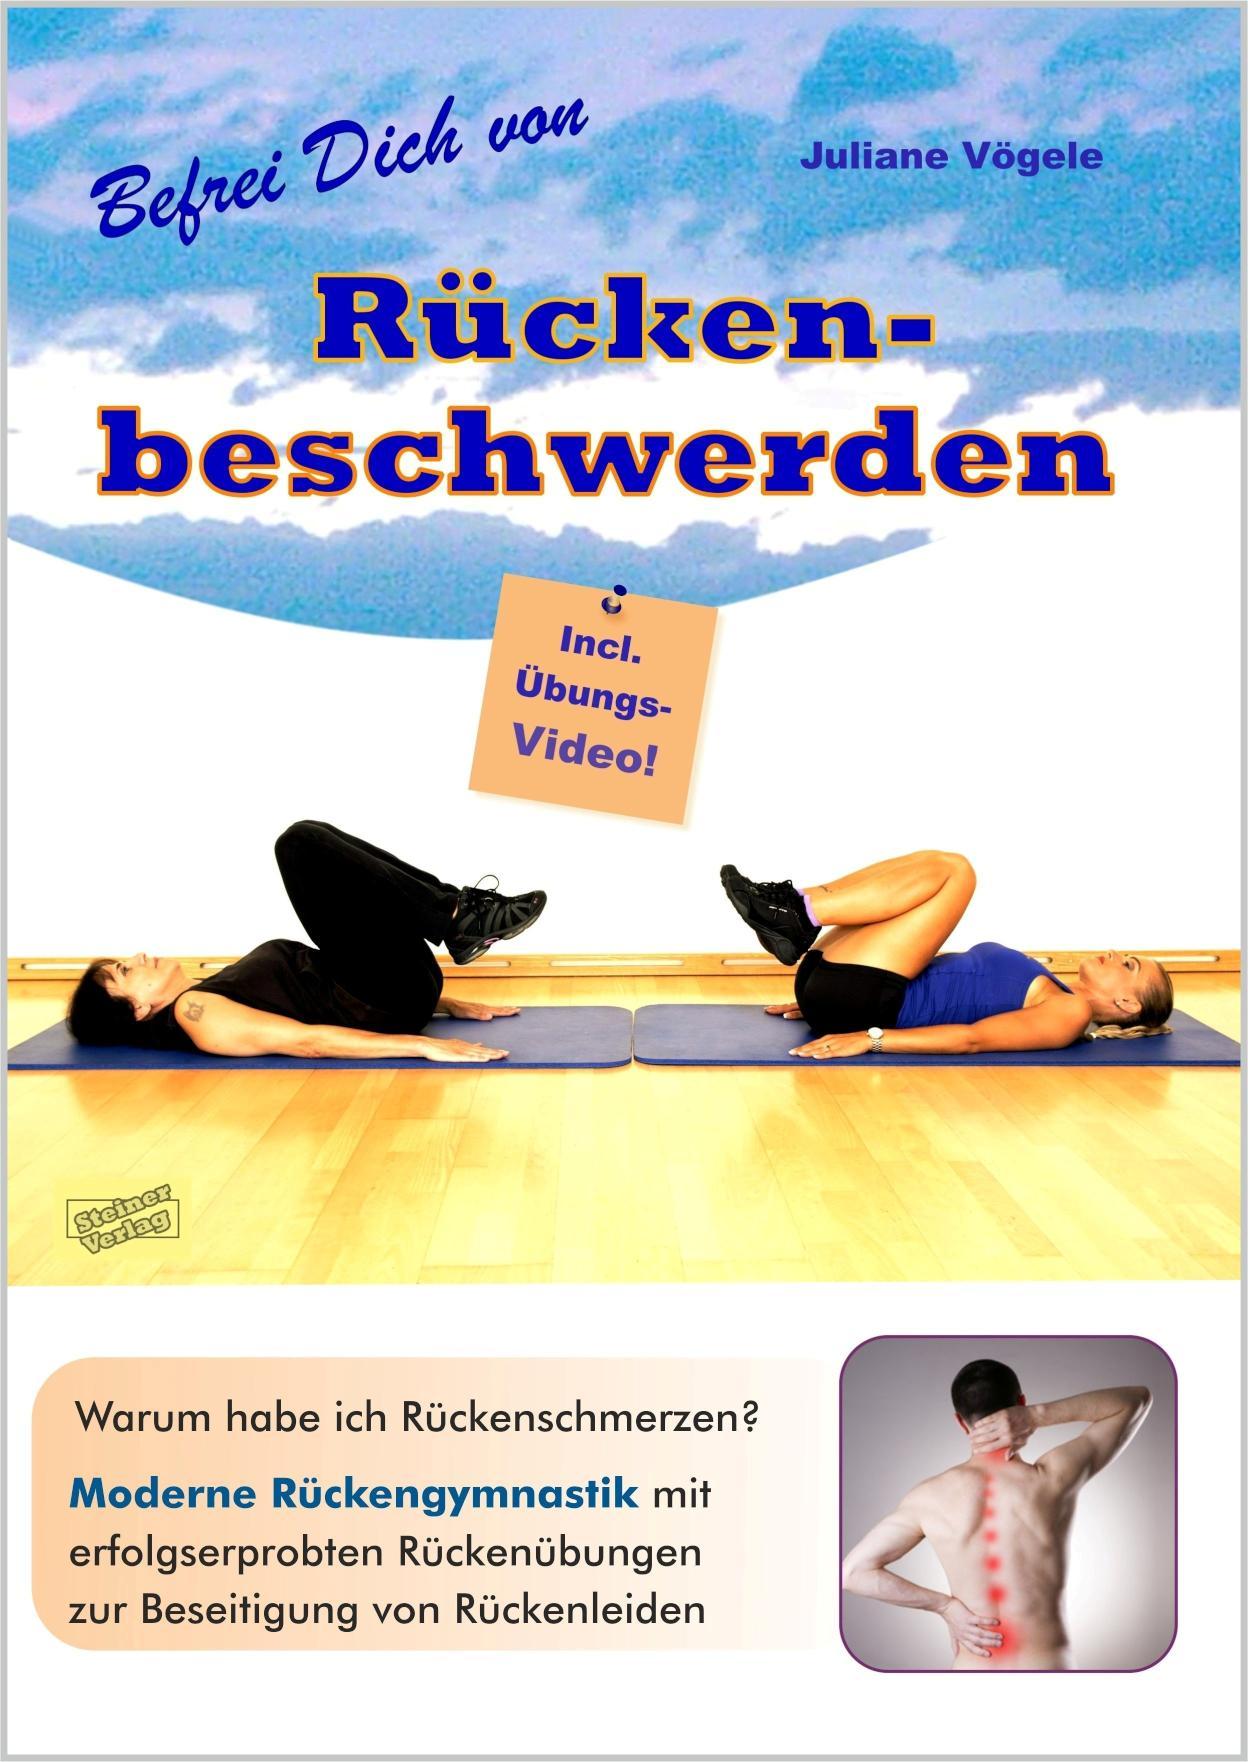 Befrei Dich von Rückenbeschwerden Warum habe ich Rückenschmerzen? Moderne Rückengymnastik mit erfolgserprobten Rückenübungen zur Beseitigung von Rückenleiden. Incl. Übungs-Video.